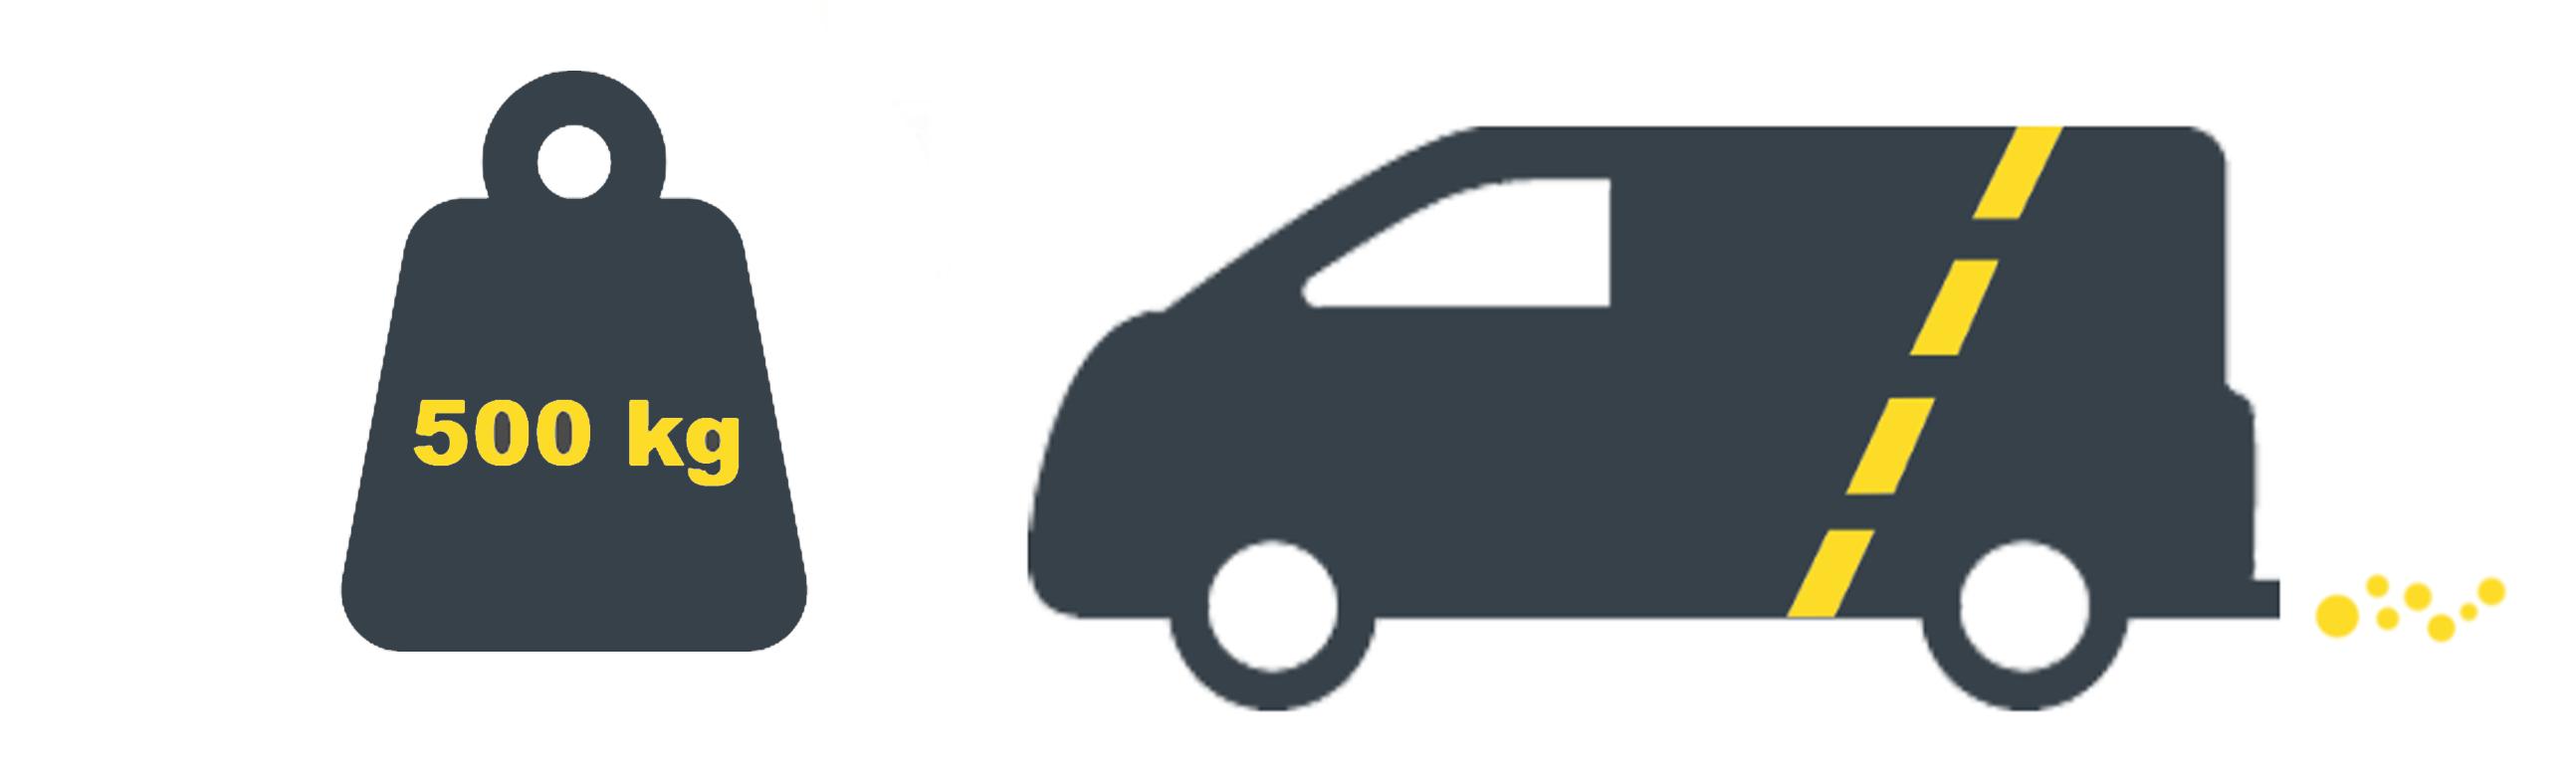 Vekt-varebil-ikoner2